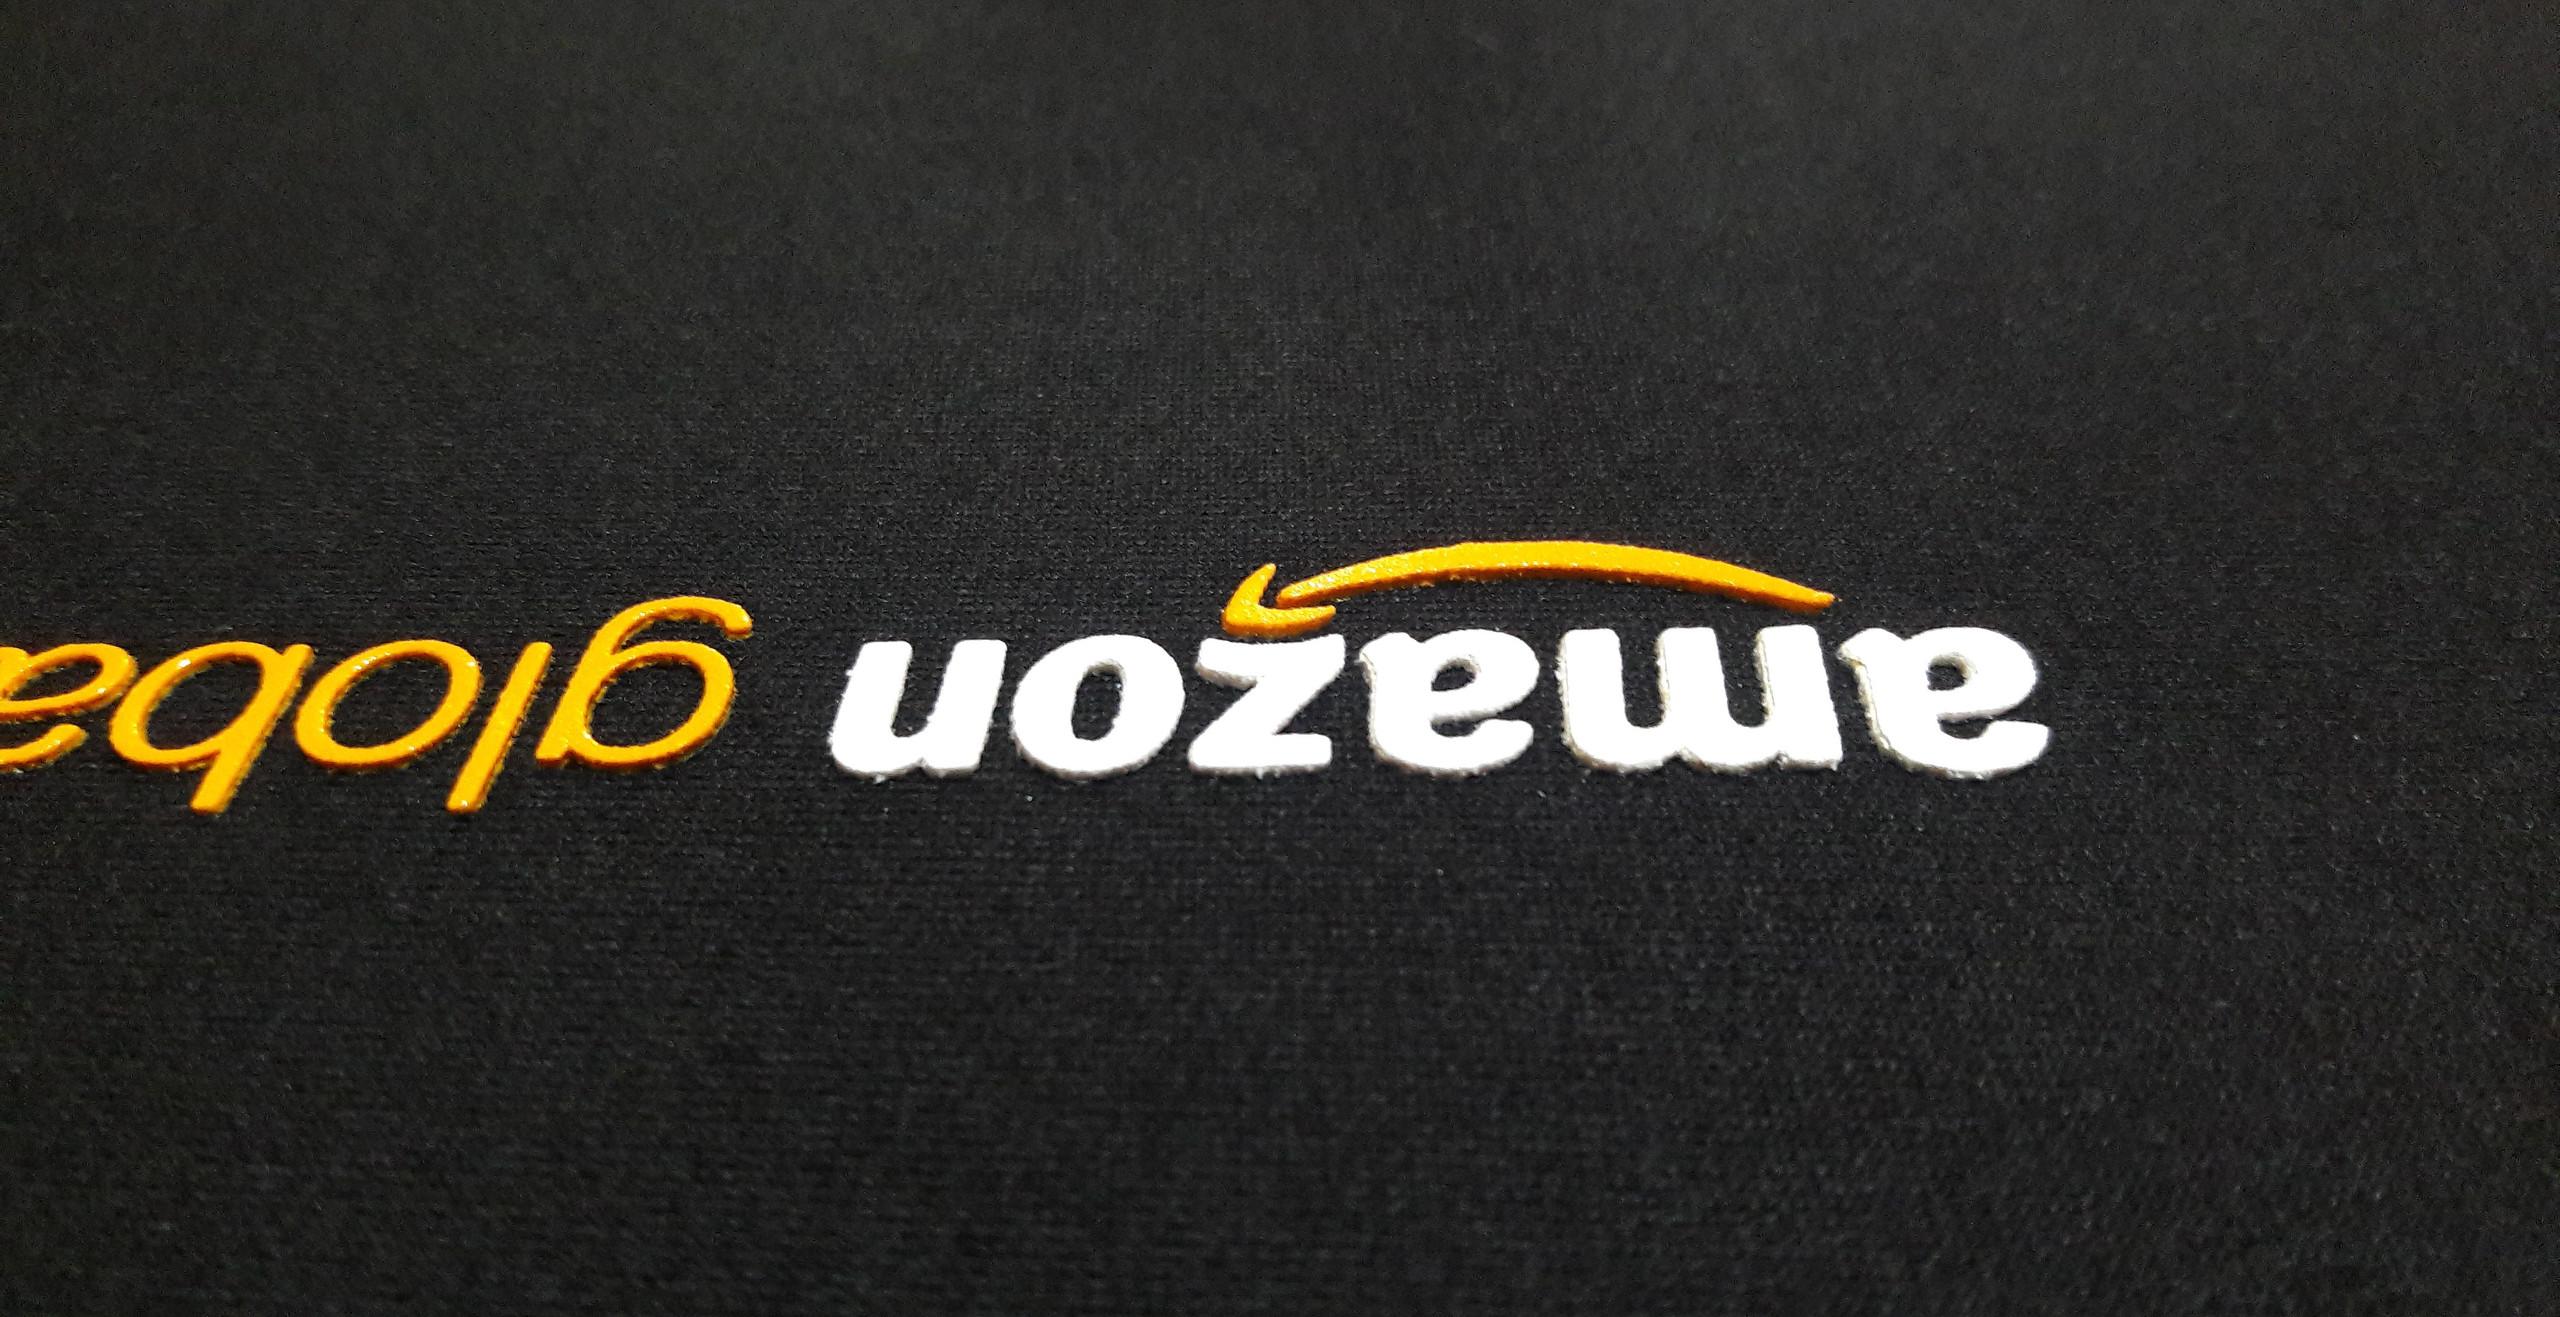 High Density 3D print, screen printing; premium hoodies online; custom sweatshirt printing; hoodies with classic screen print,